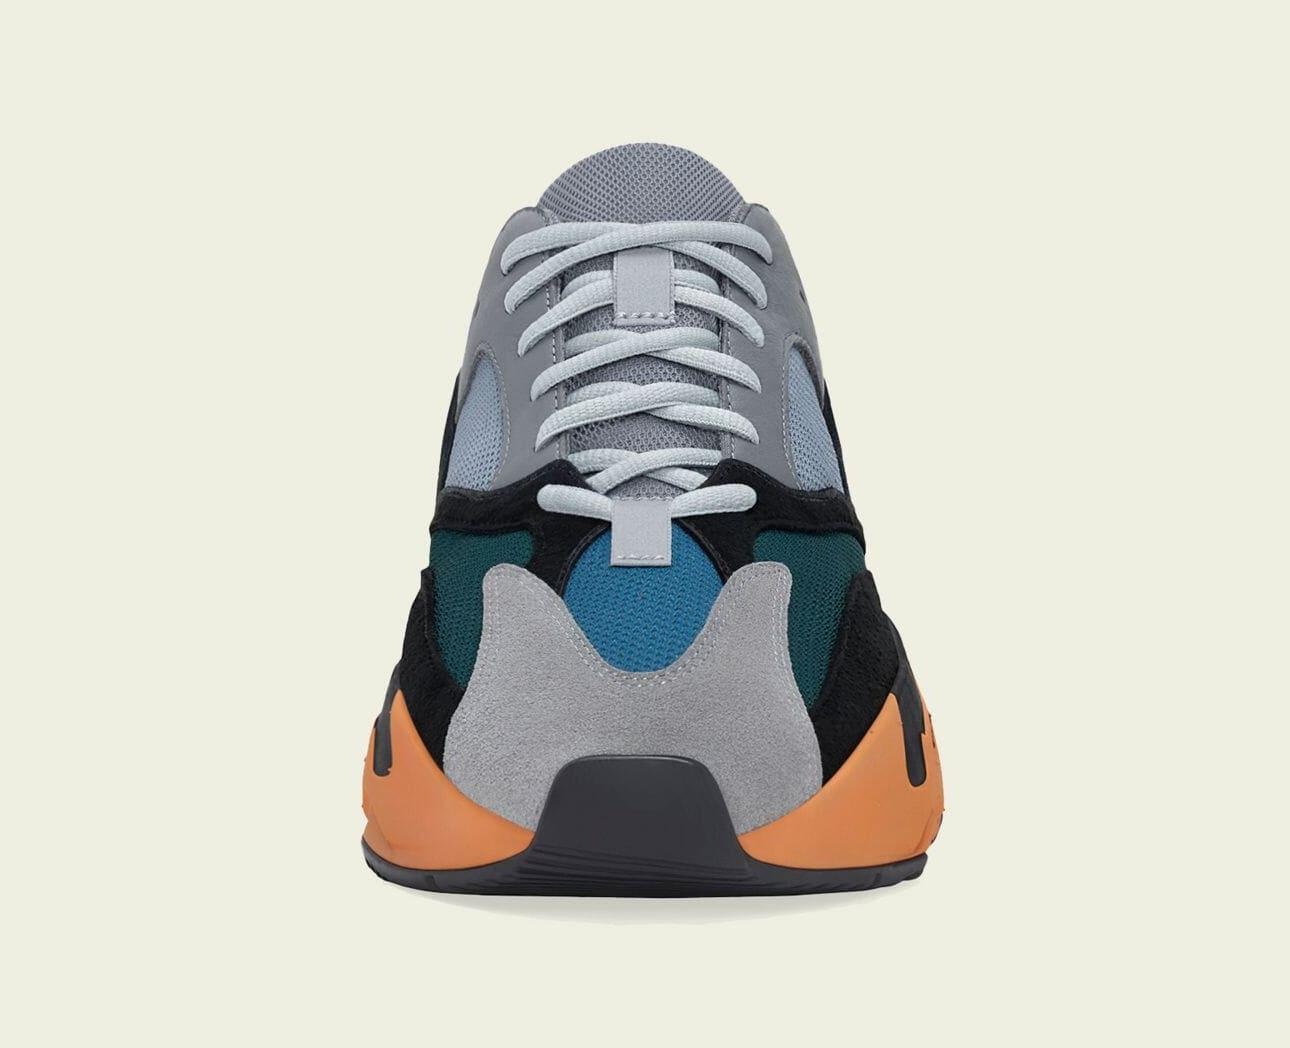 Adidas Yeezy Boost 700 'Wash Orange' GW0296 Front